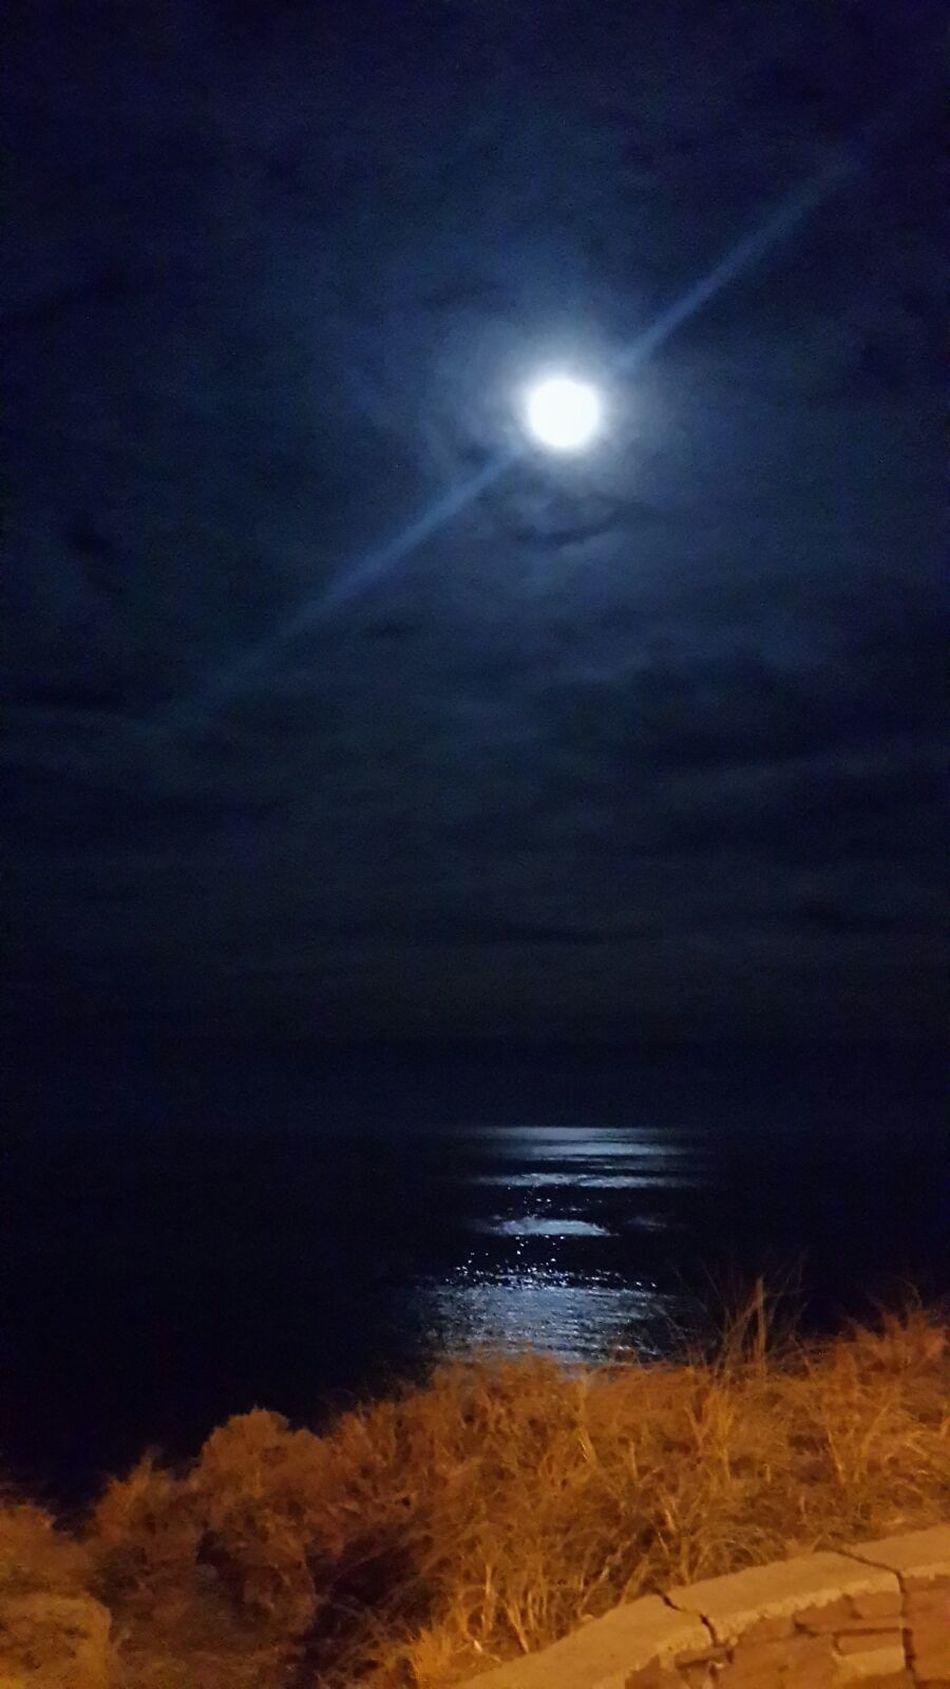 Luna Llena Paisaje Noche Mar Resplandor Reflejo 43 Golden Moments